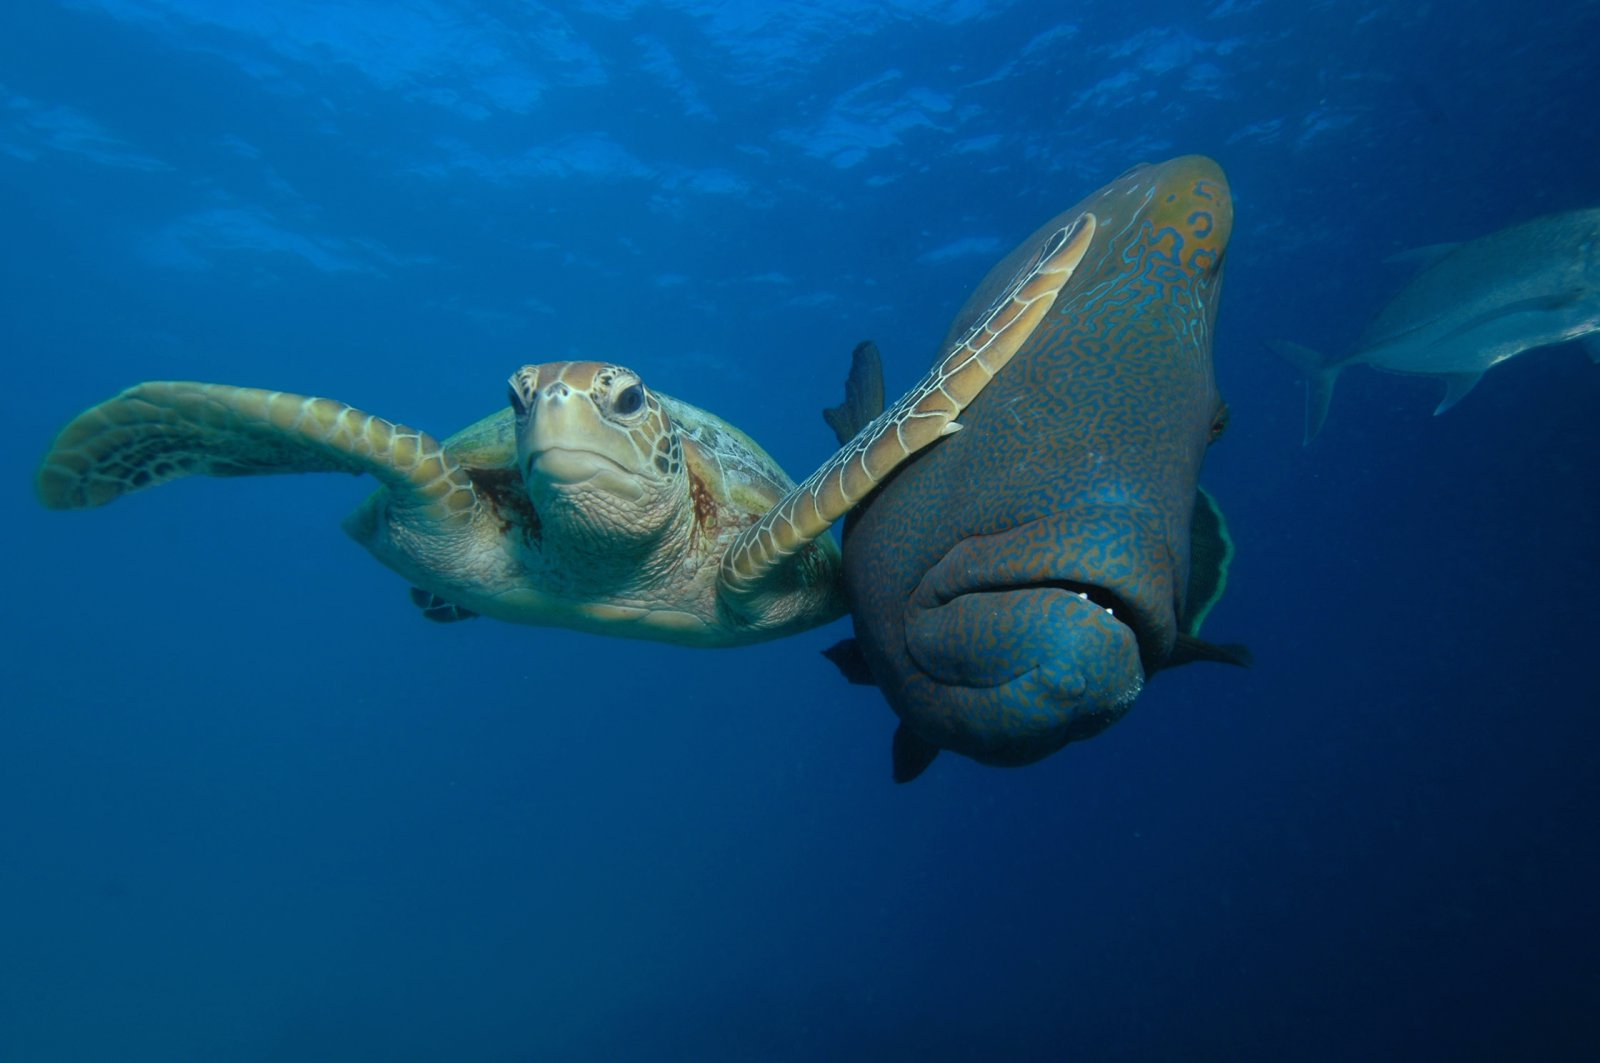 Трой Мейн / Troy Mayne, Победитель в подводной категории, Конкурс фотографий Comedy Wildlife